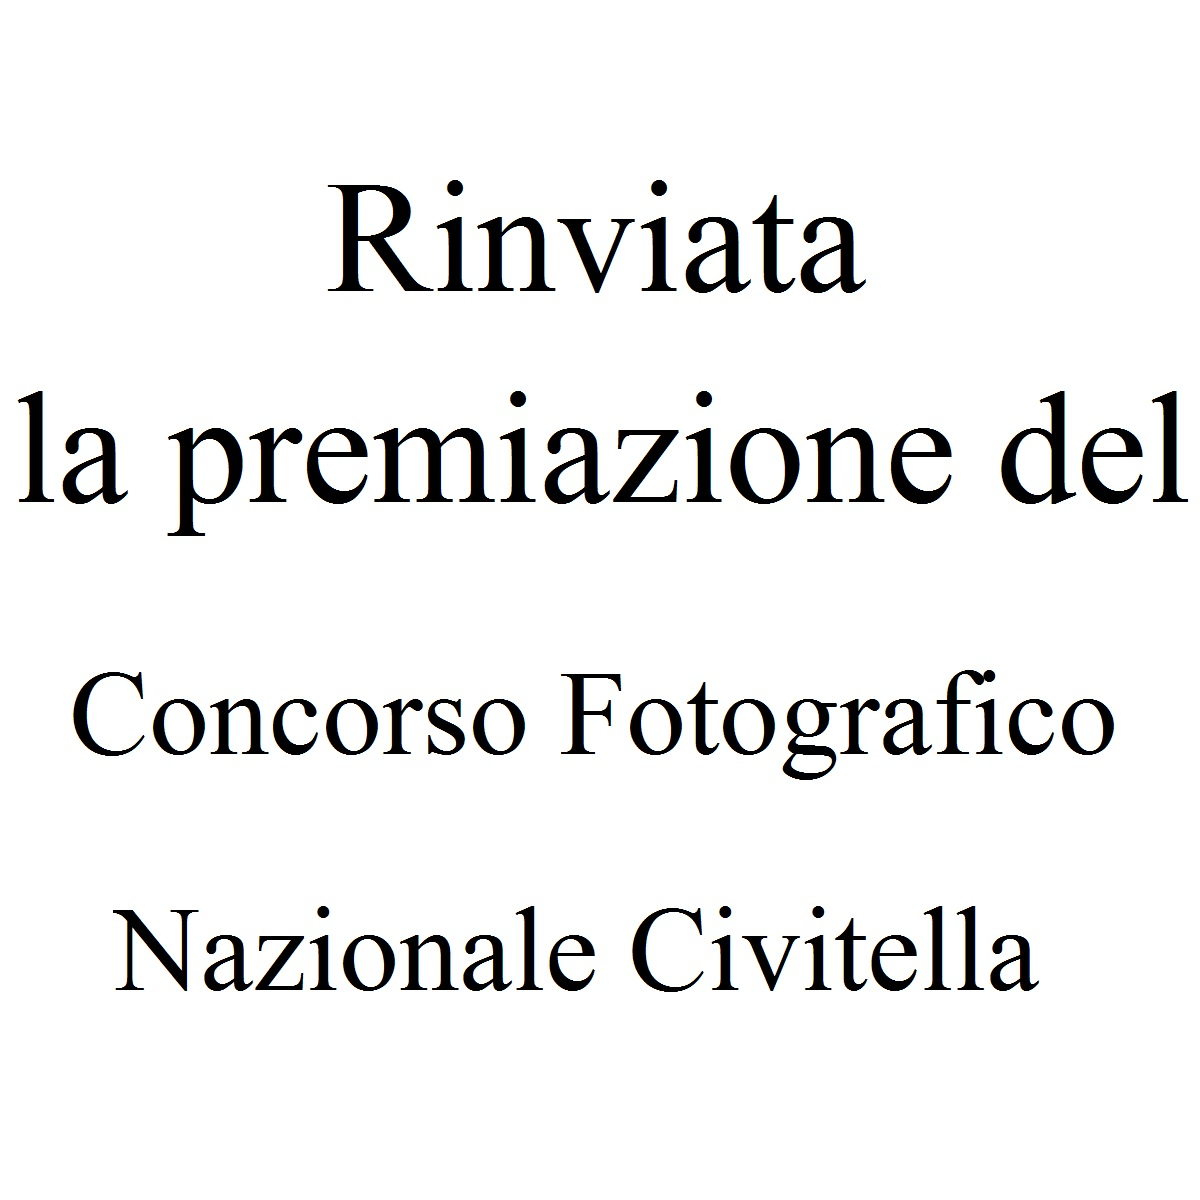 Rinviata premiazione Concorso Fotografico Civitella foto